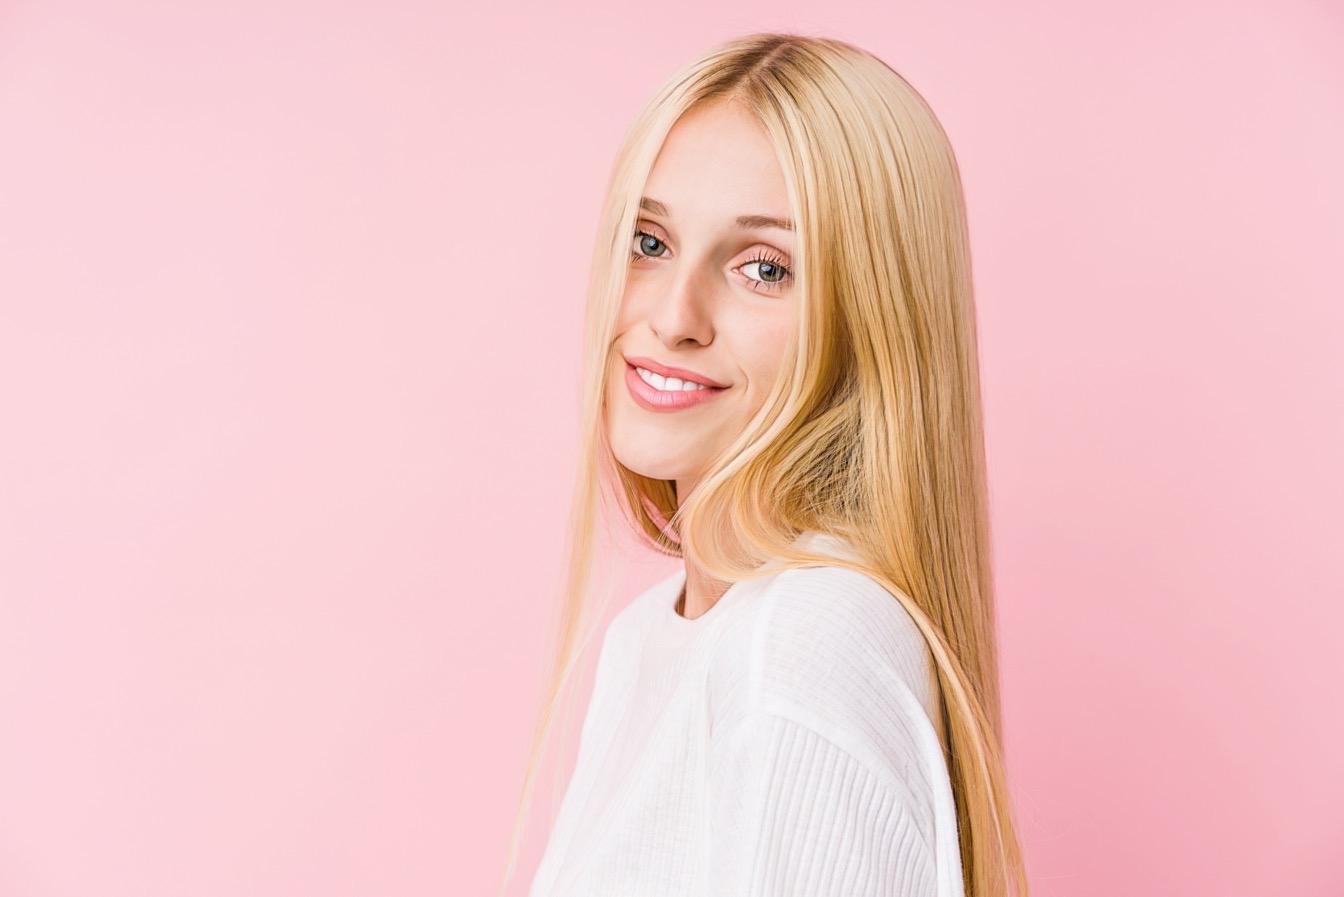 девушка на розовом фоне